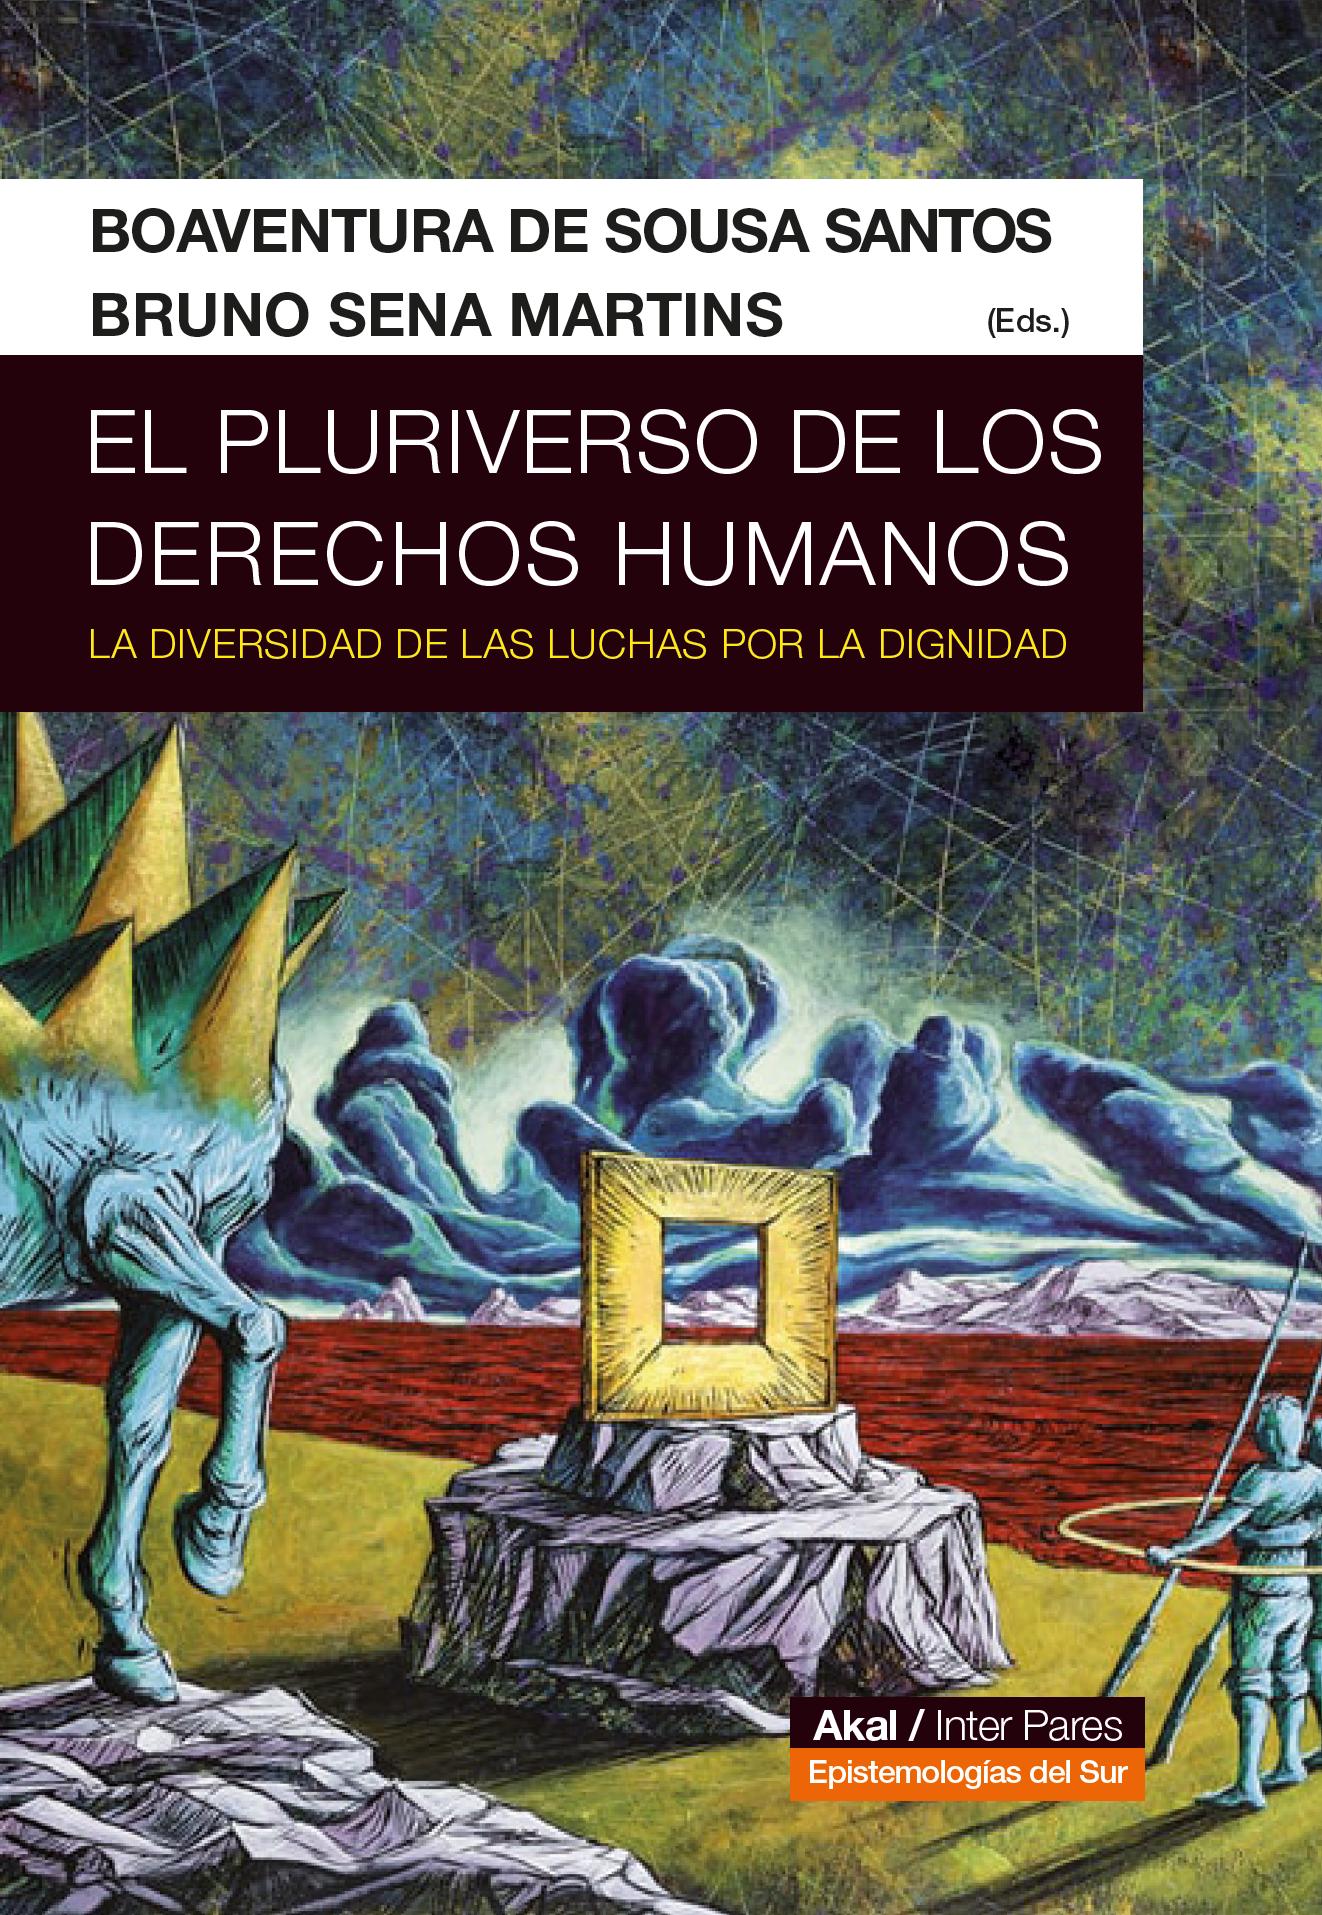 el-pluriverso-de-los-derechos-humanos-978-607-98185-6-2